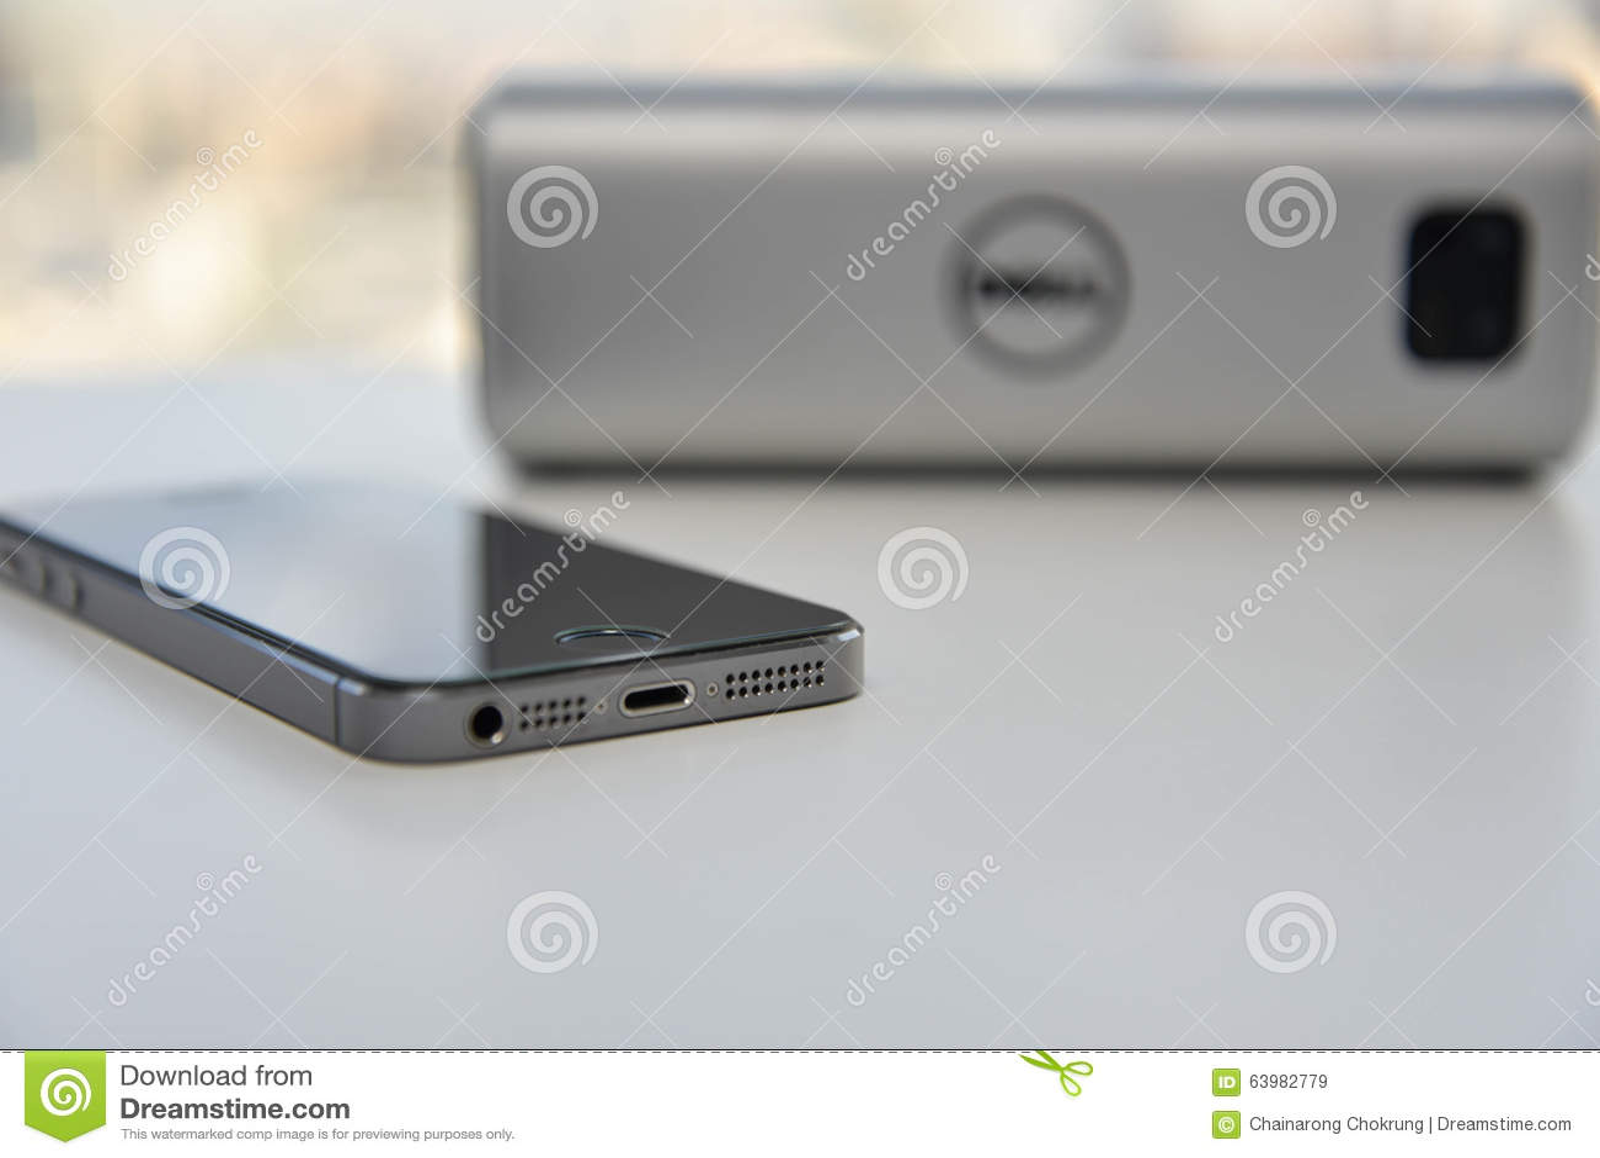 Ασύρματος ομιλητής και κινητό τηλέφωνο